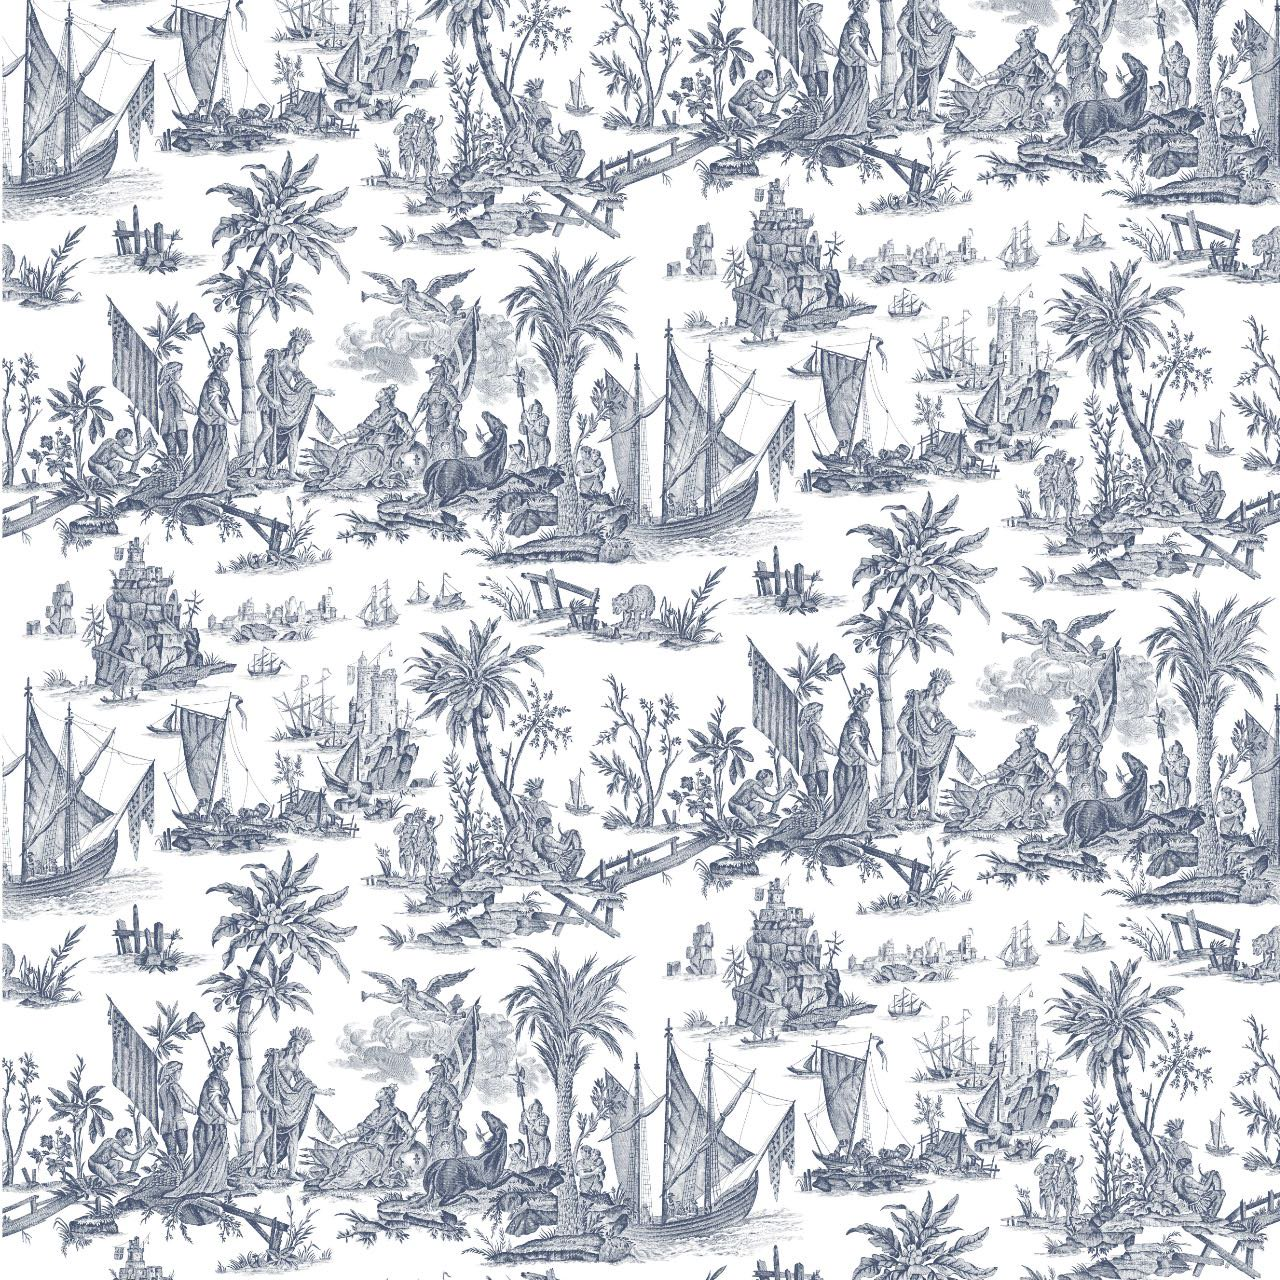 フランス壁紙 フリース(不織布) トワル・ド・ジュイ デザイン 《ラファイエット》 ブルー by Charles Burger (シャールブルジェ)